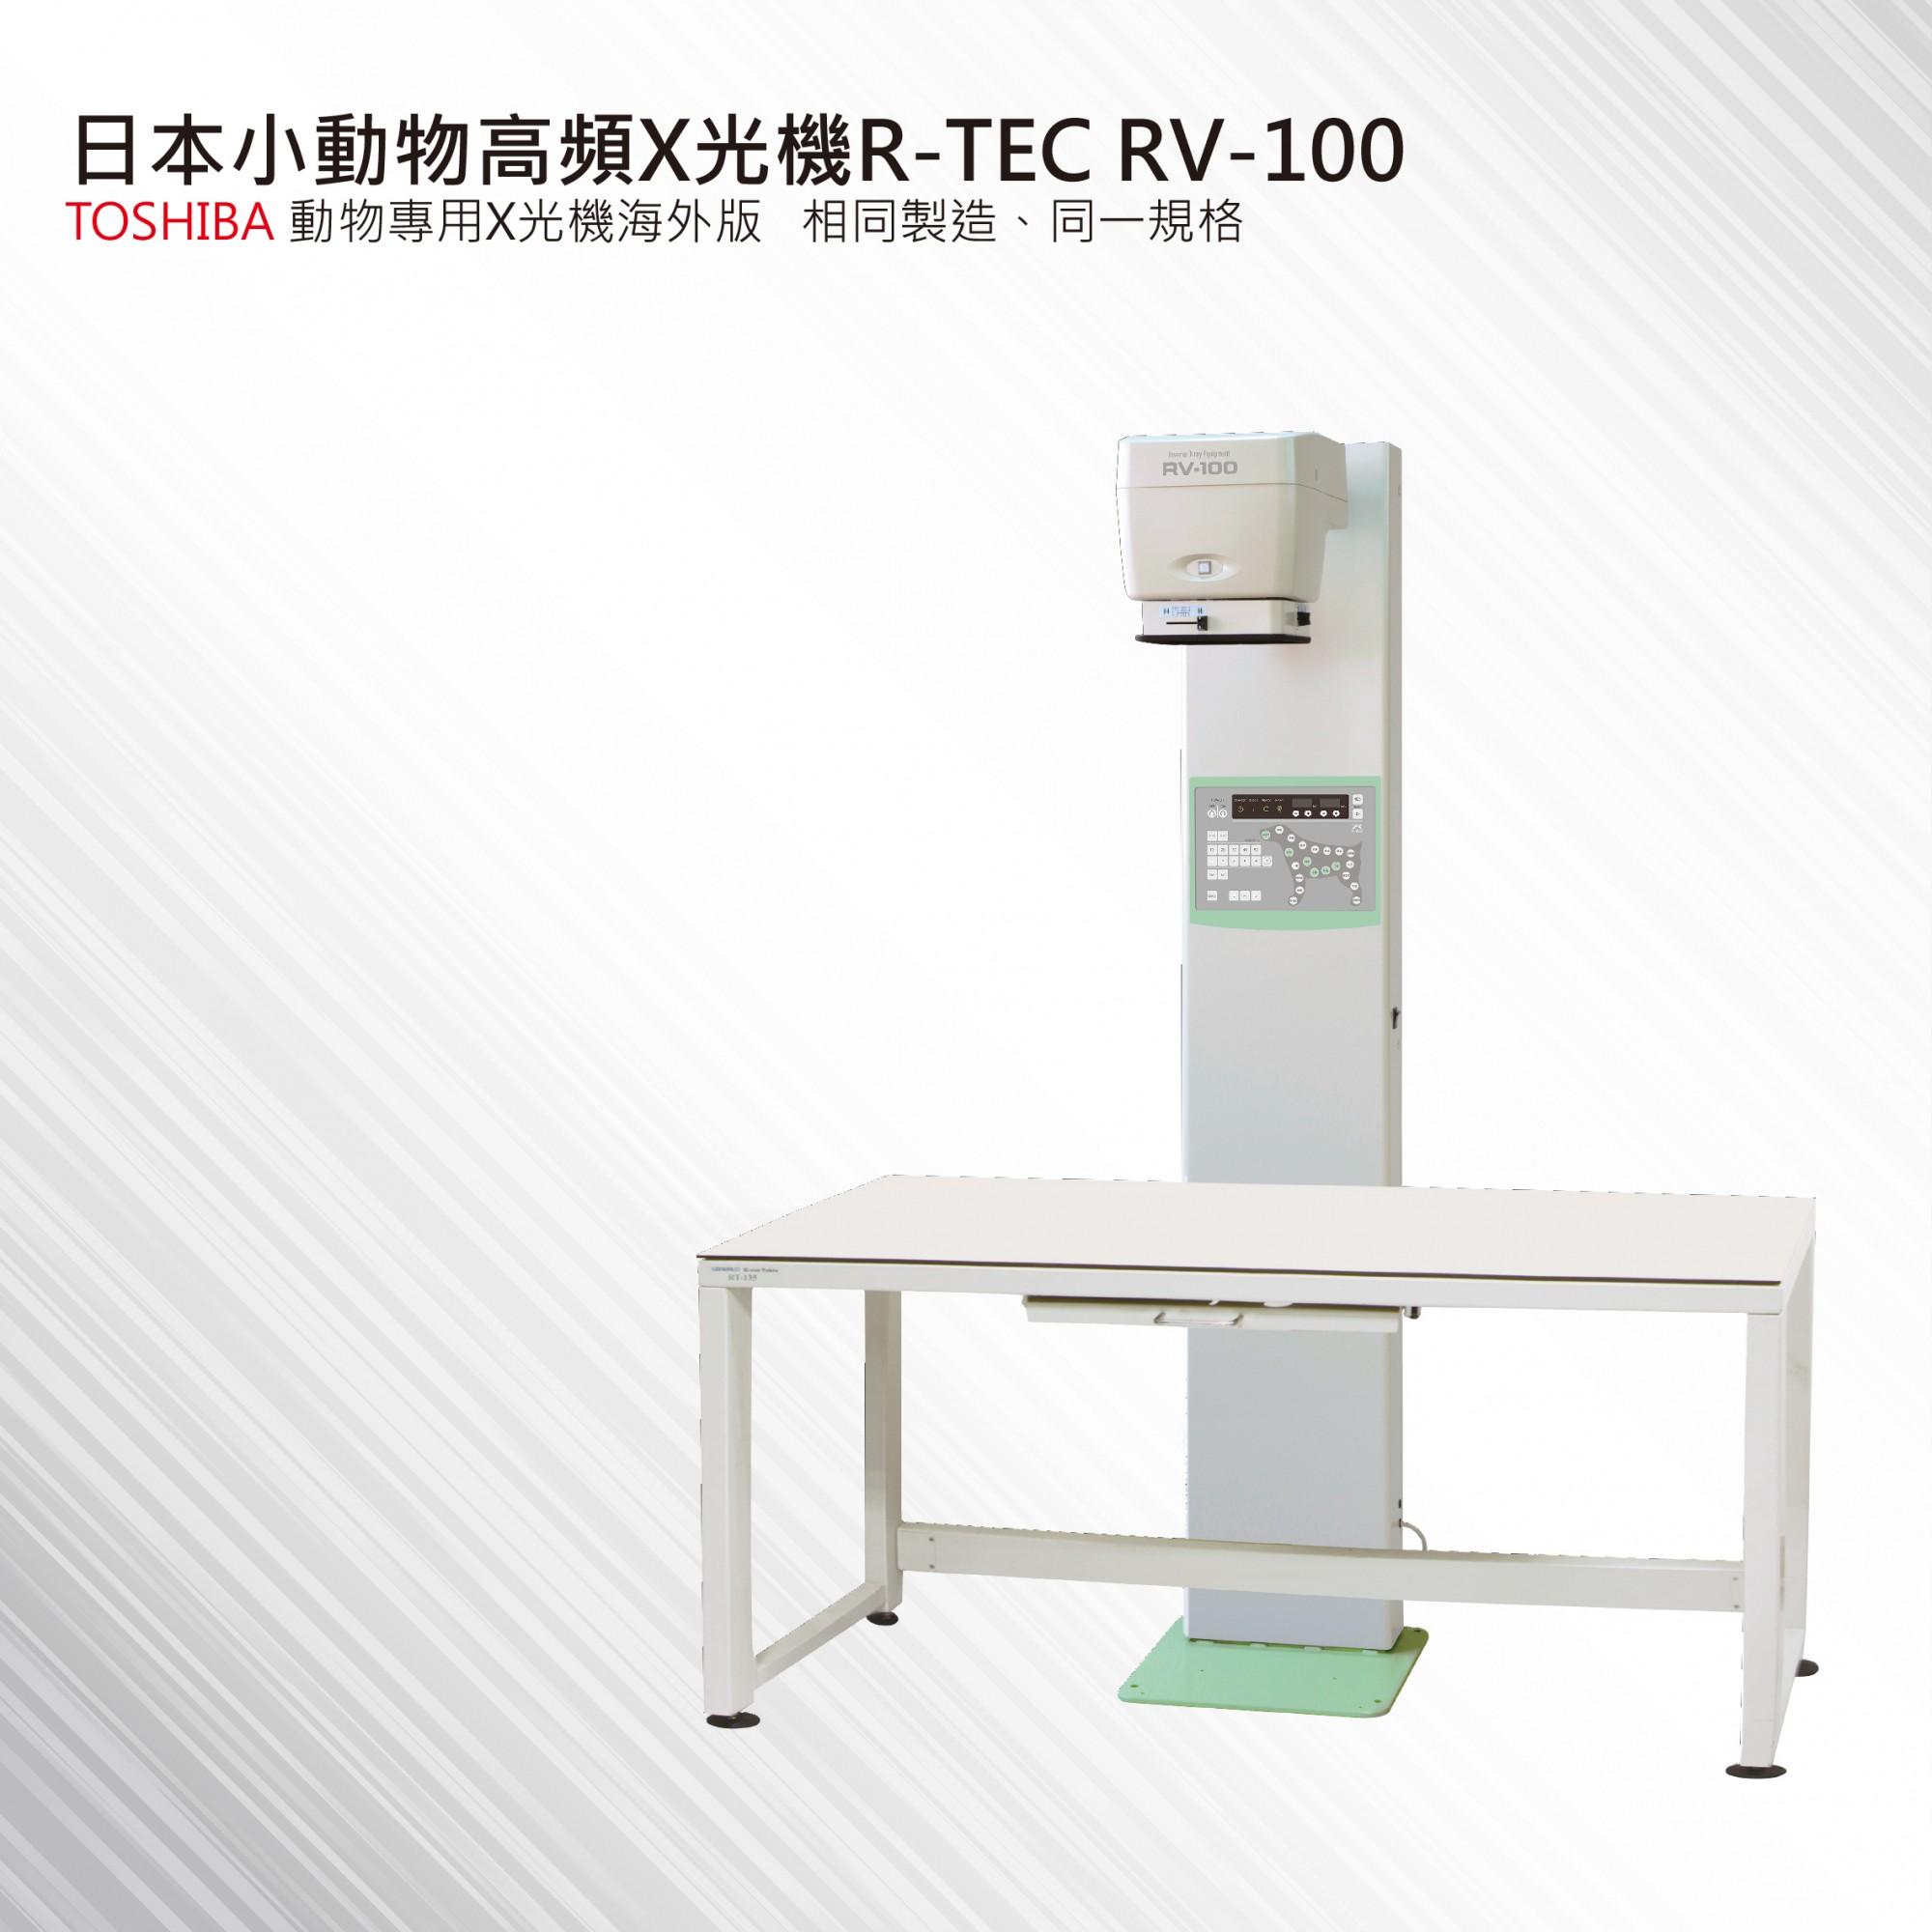 RV-100產品照